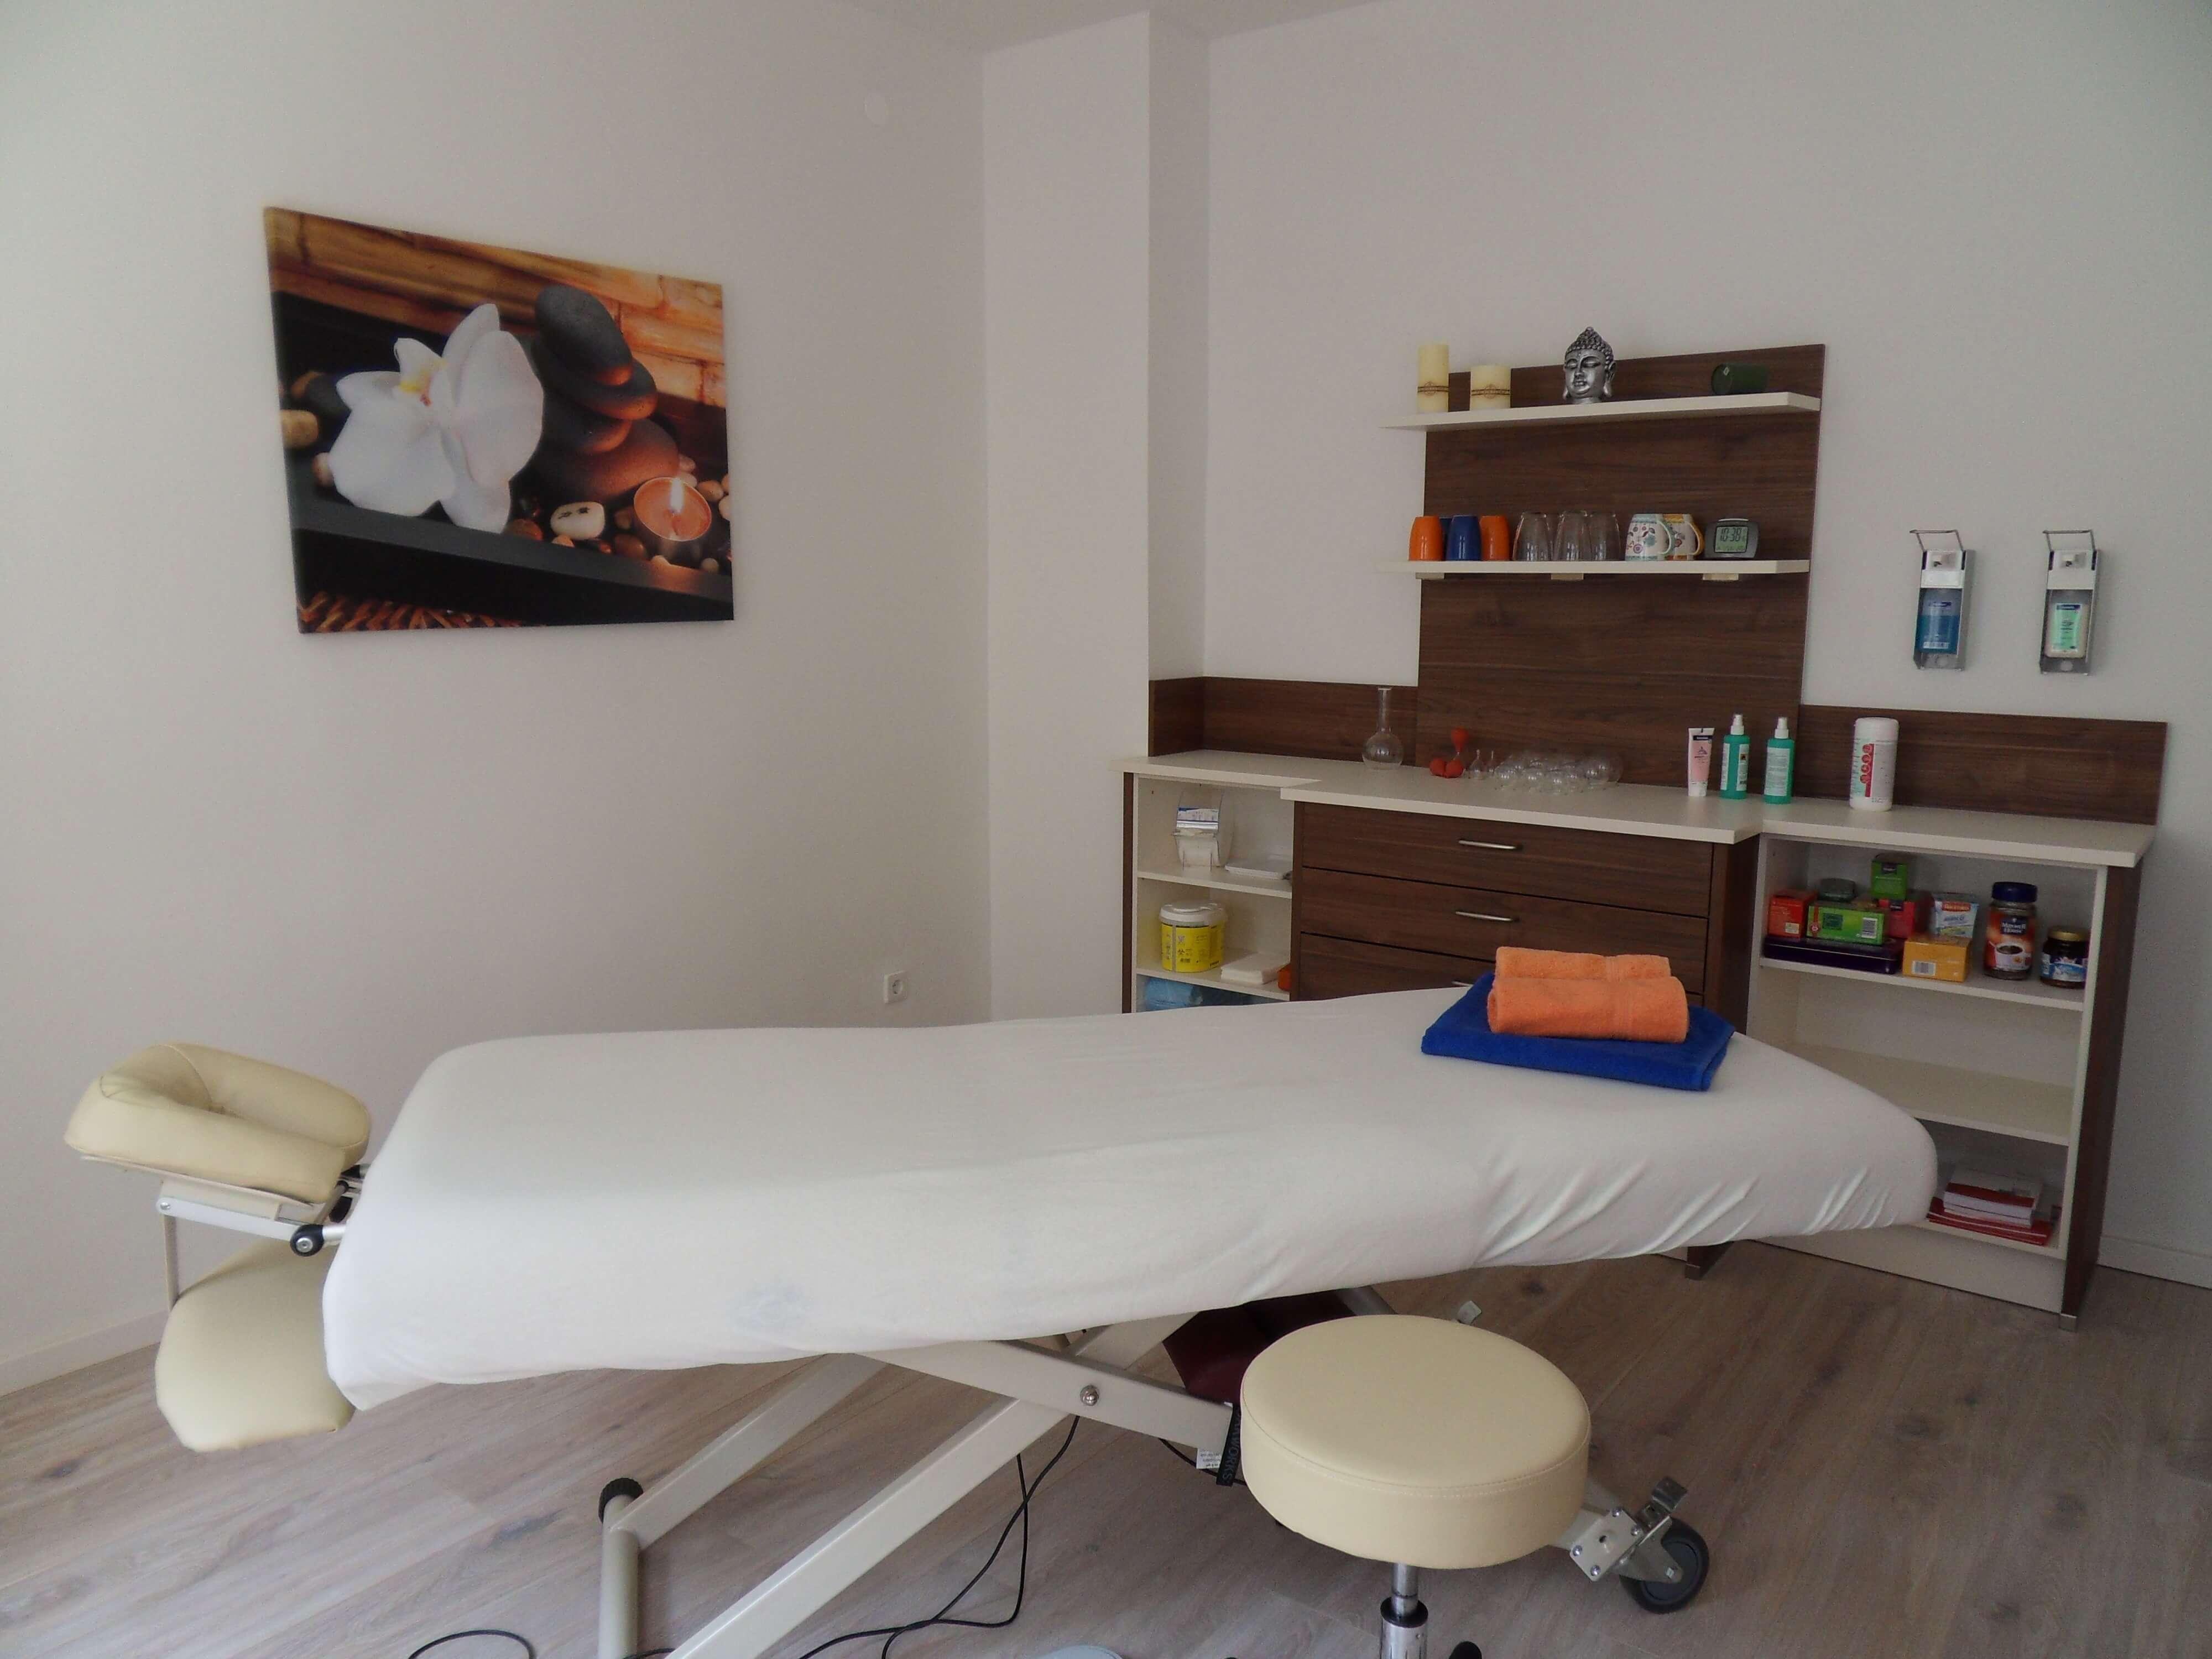 naturheilpraxis-lohse-praxisraum-3